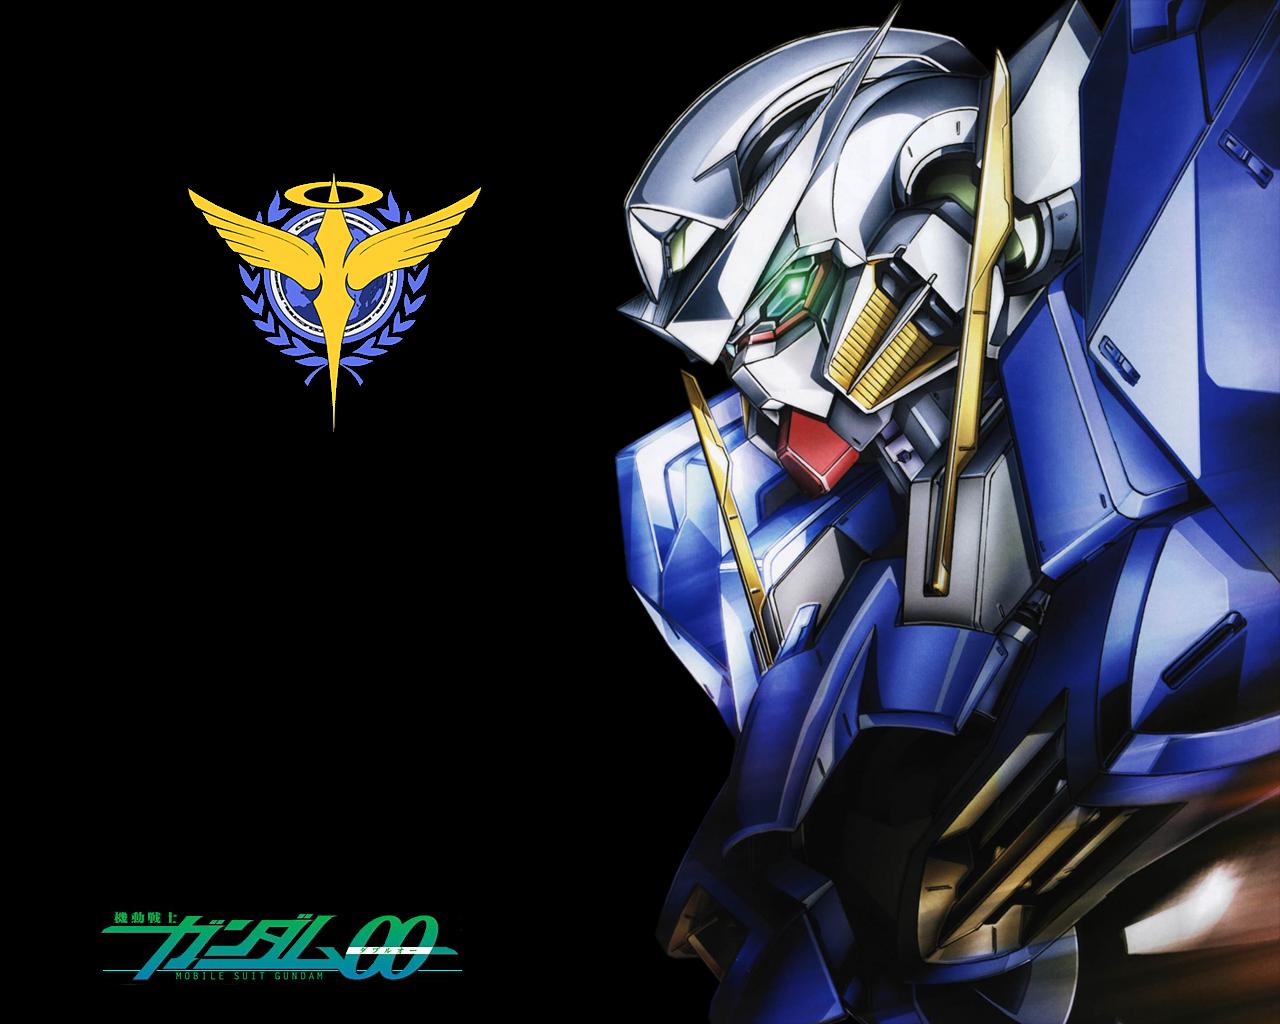 Gundam 00 Exia by SiegHart66 1280x1024